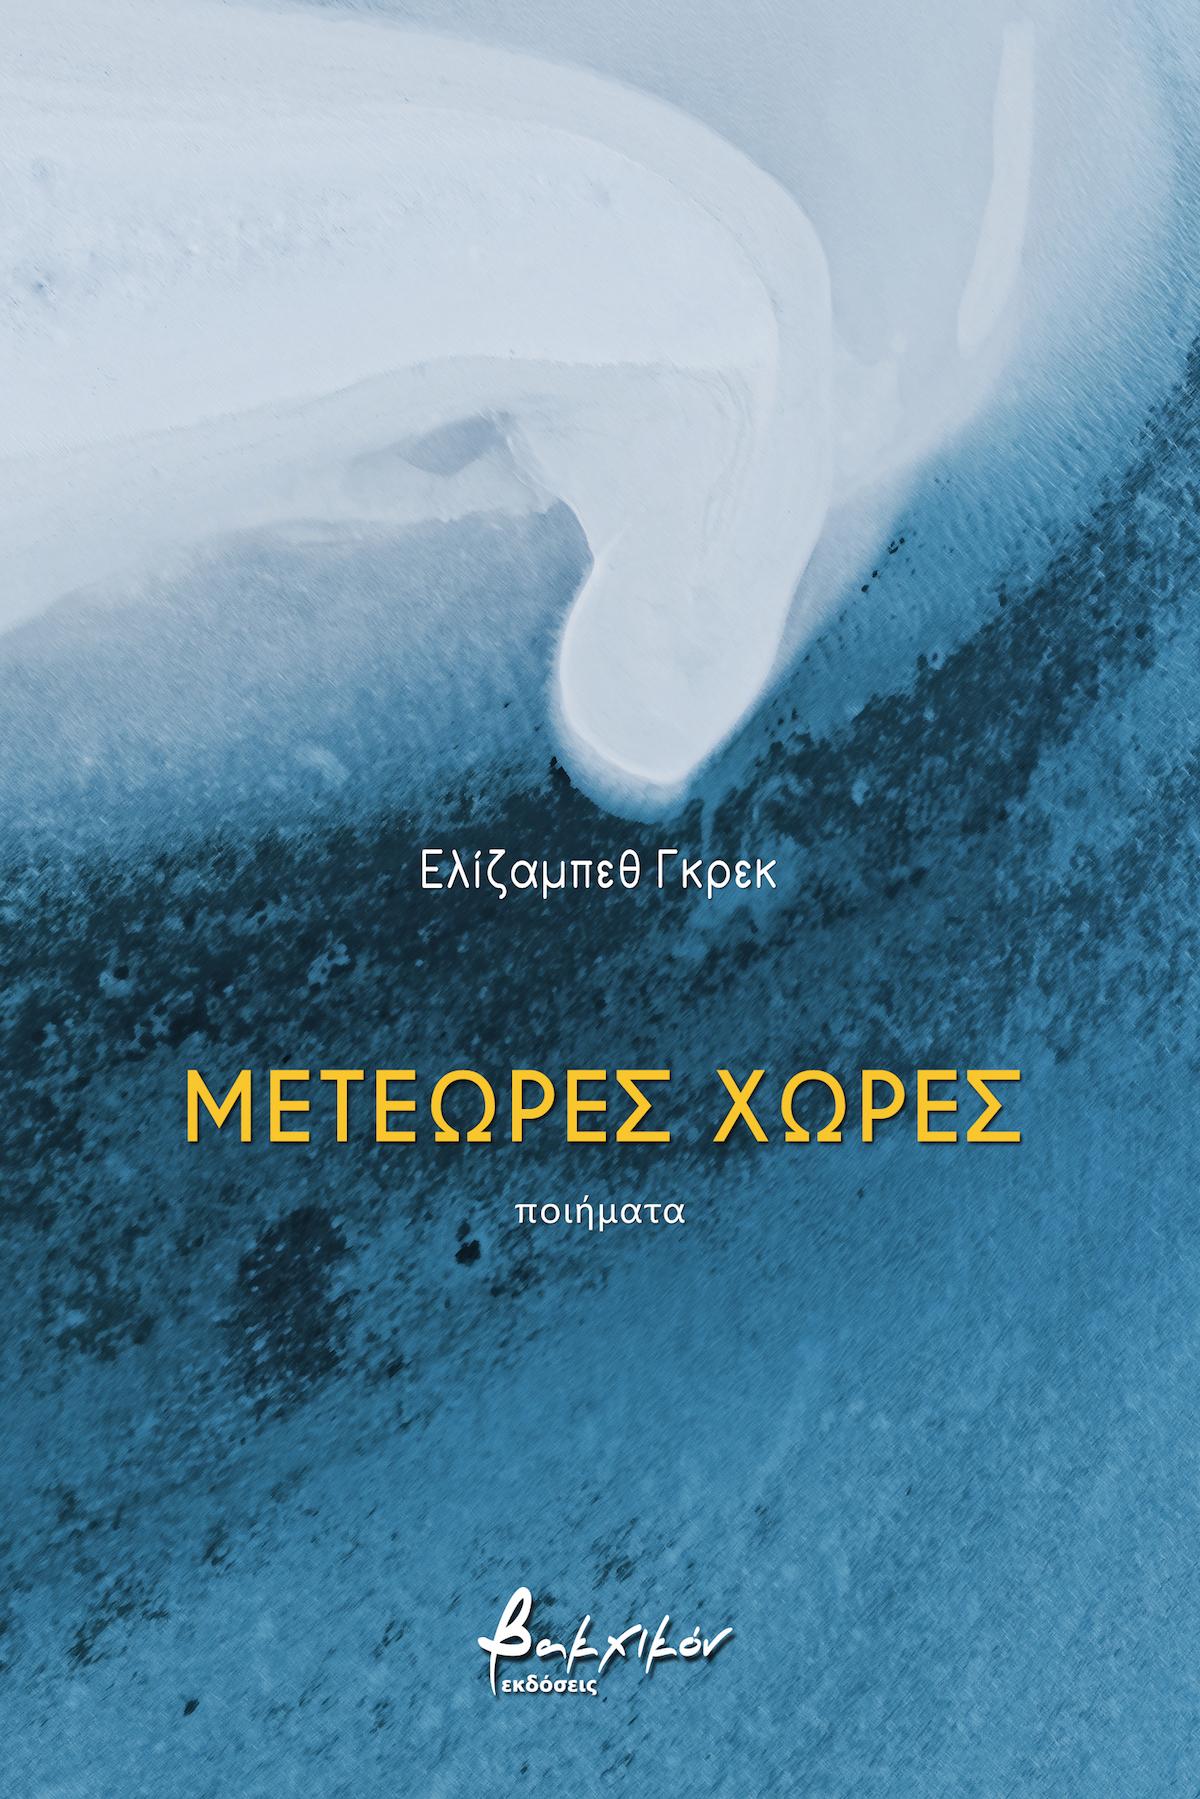 Terre sospese greco